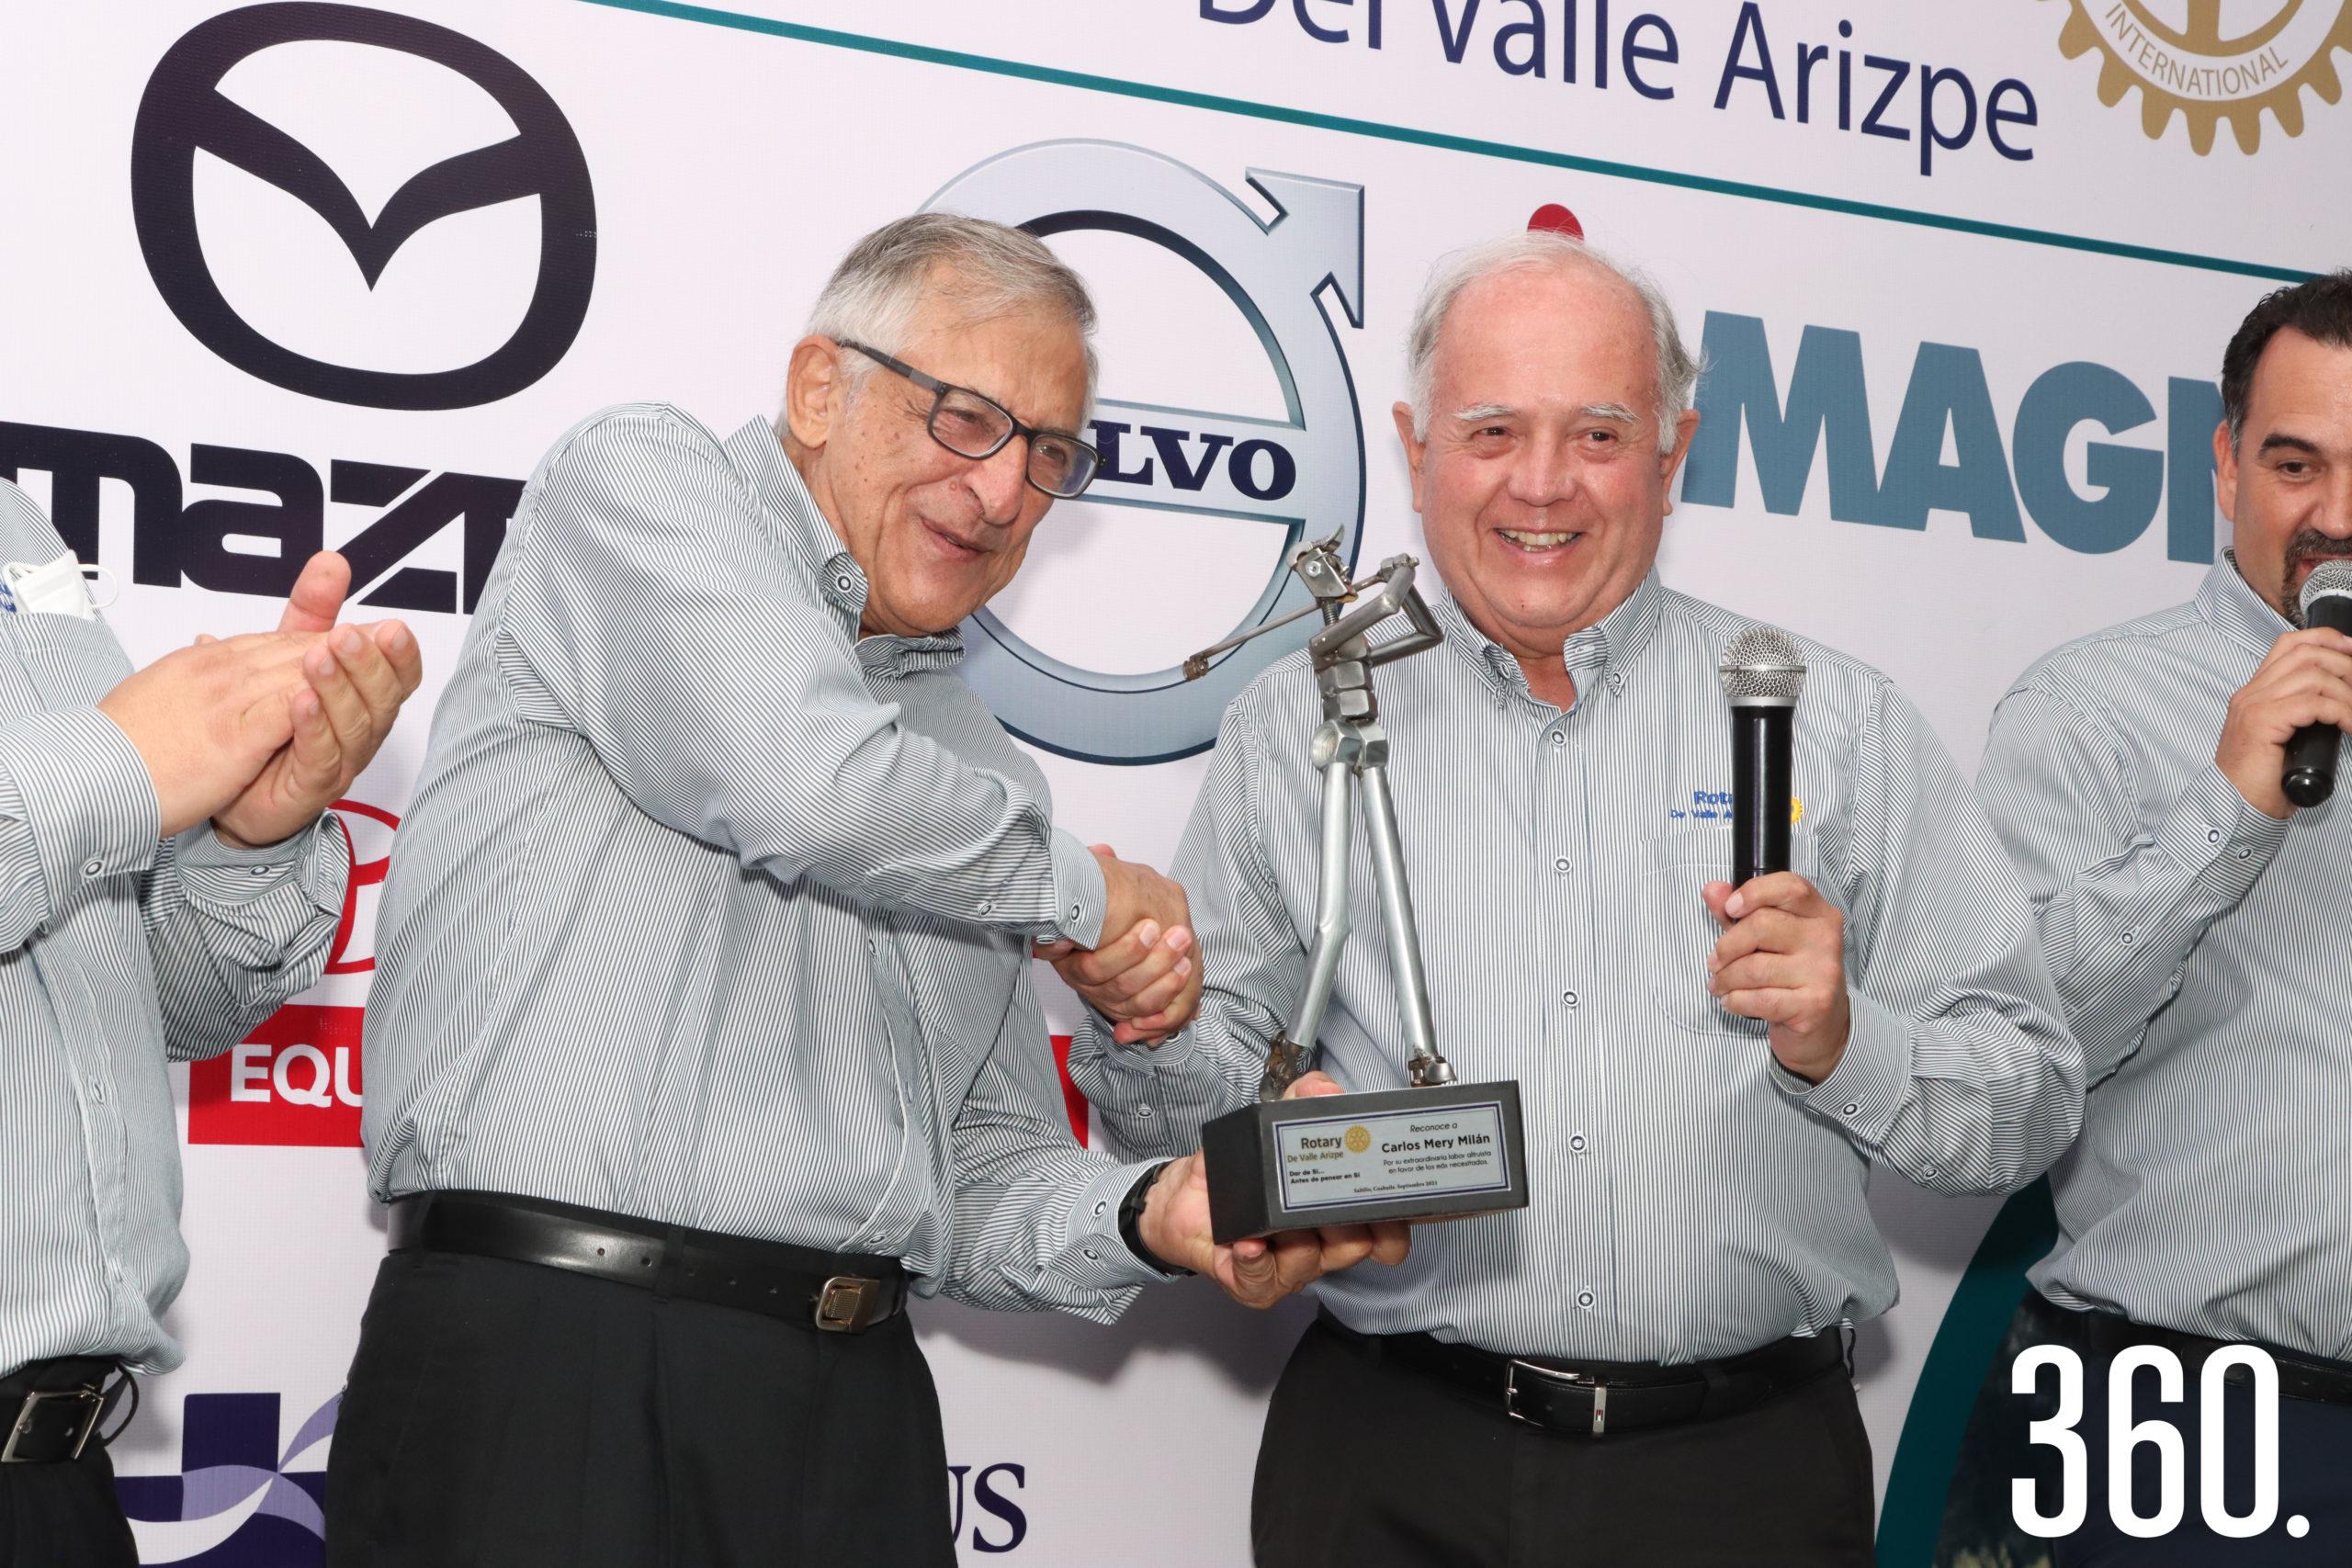 Carlos Mery Milán recibió el trofeo de manos de Carlos Shwetzer presidente del club rotario